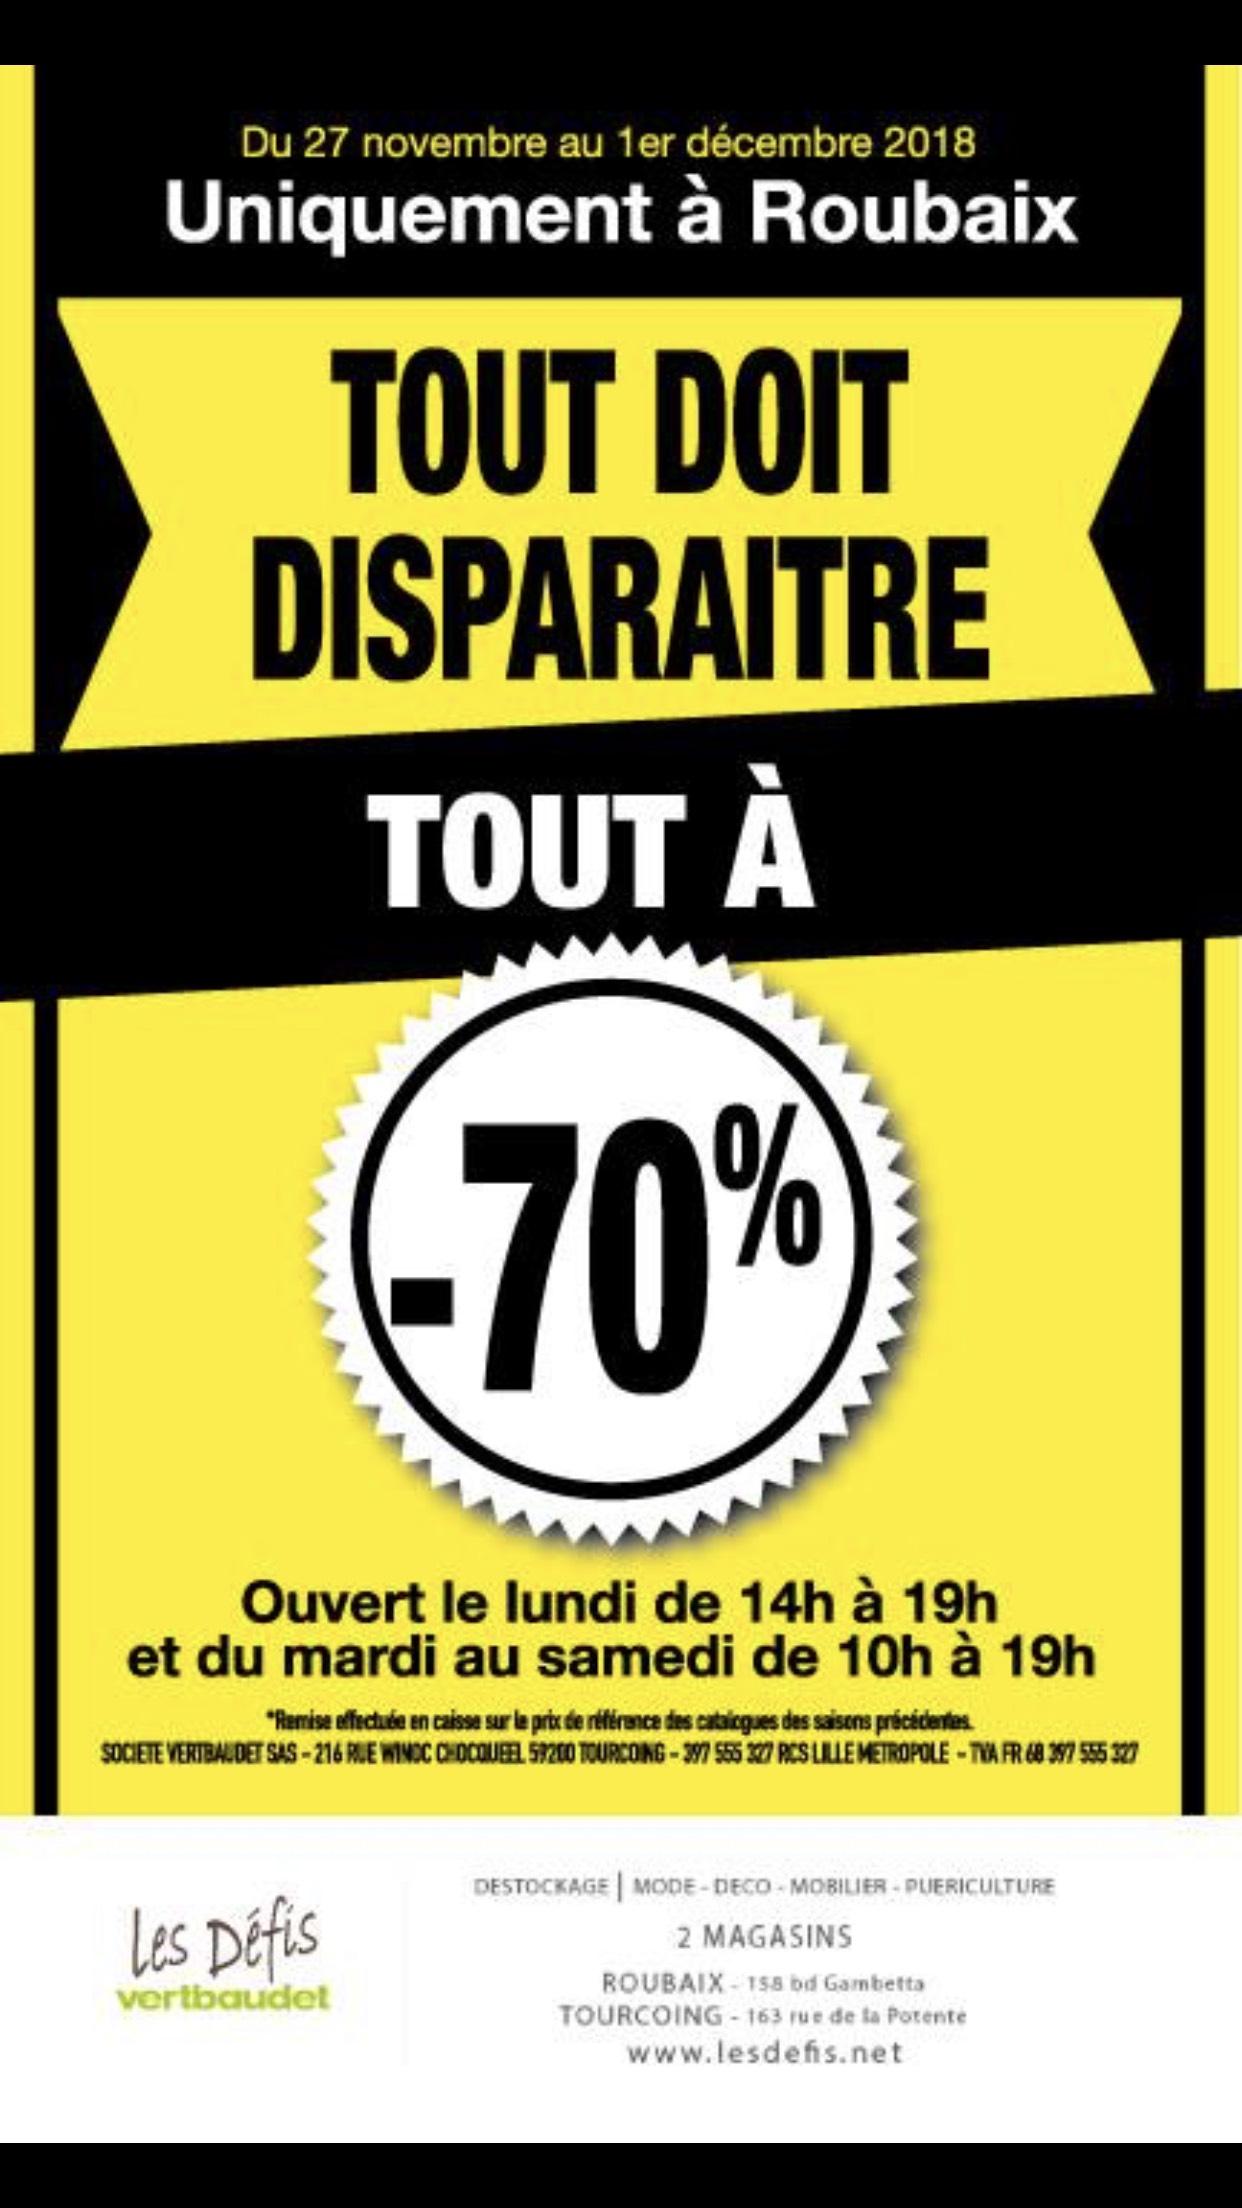 70% de réduction sur tout le magasin - Les Défis Vertbaudet Roubaix (59)